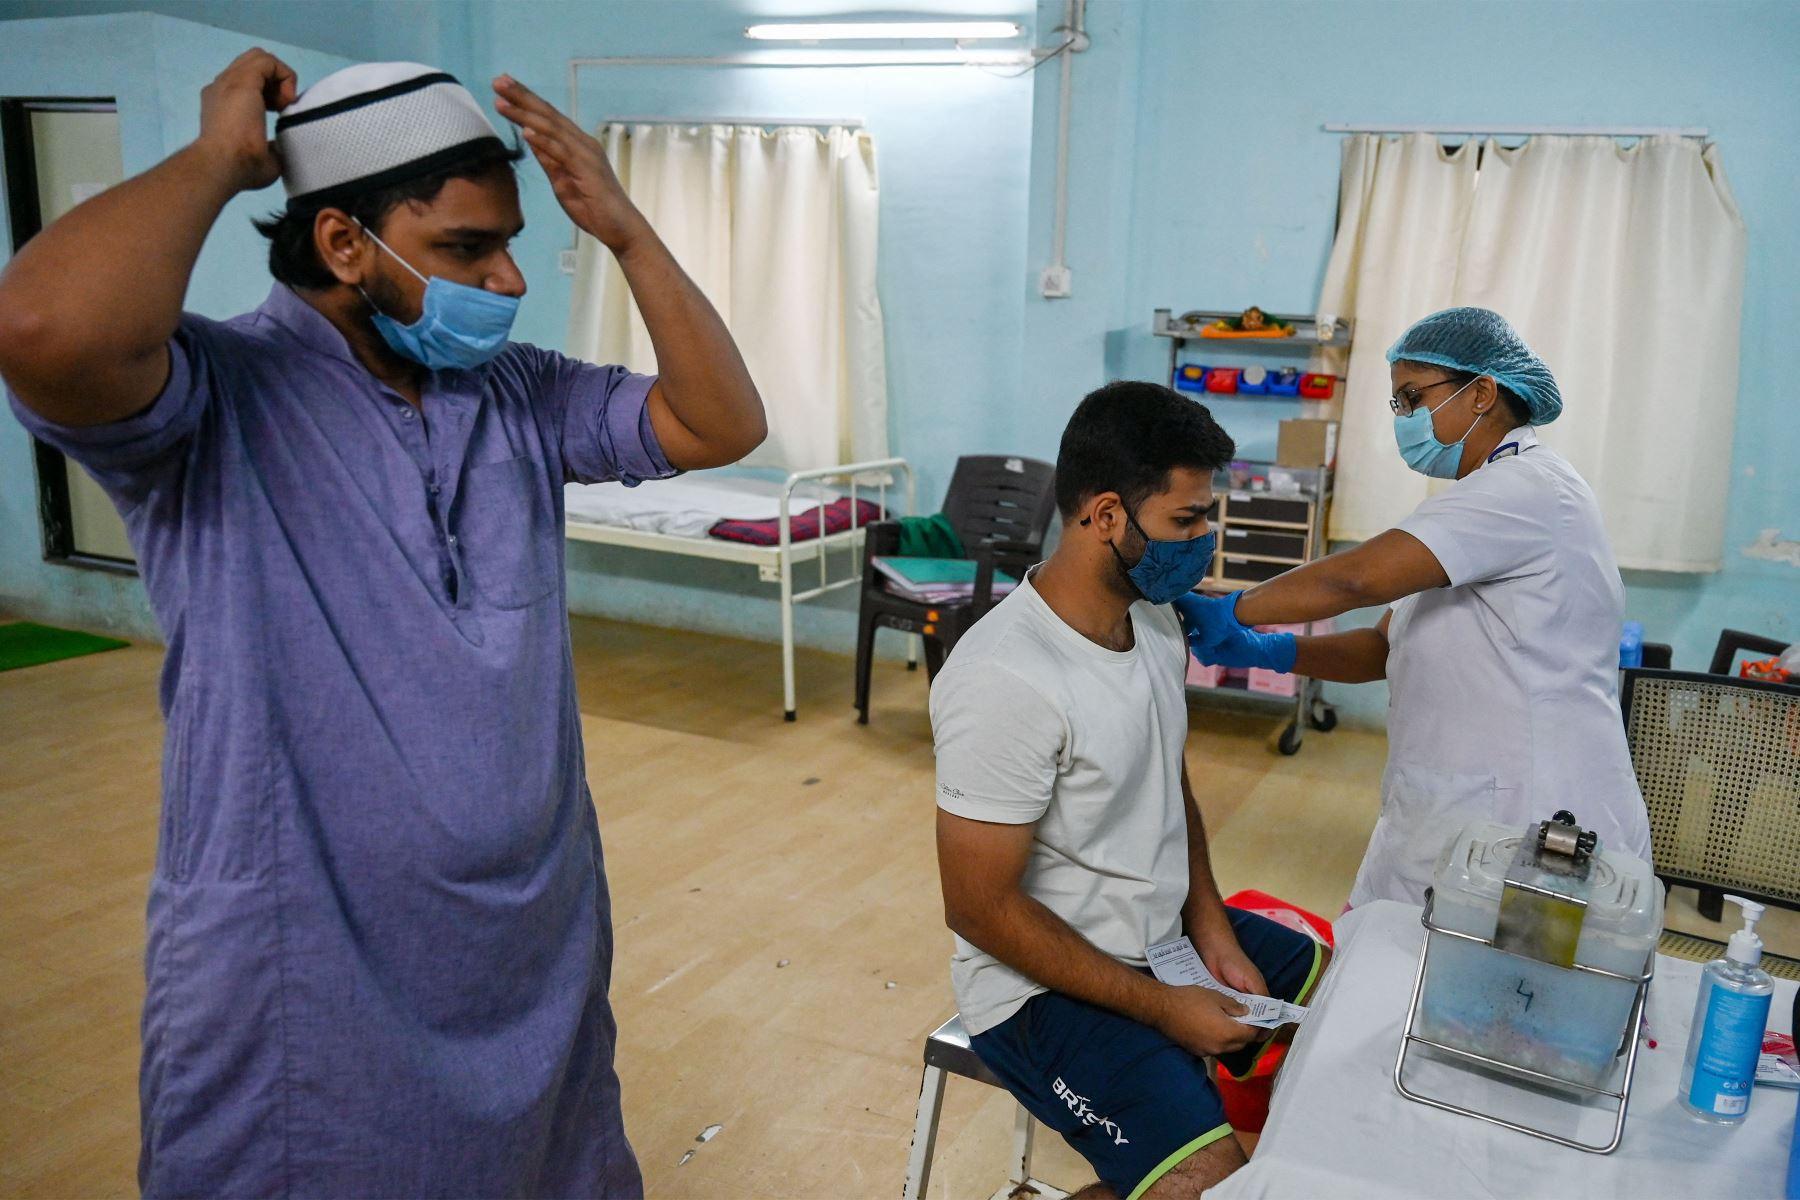 Un estudiante universitario es inoculado con una dosis de la vacuna Covishield contra el coronavirus Covid-19, en un centro de vacunación del Hospital Rajawadi en Mumbai. Foto: AFP